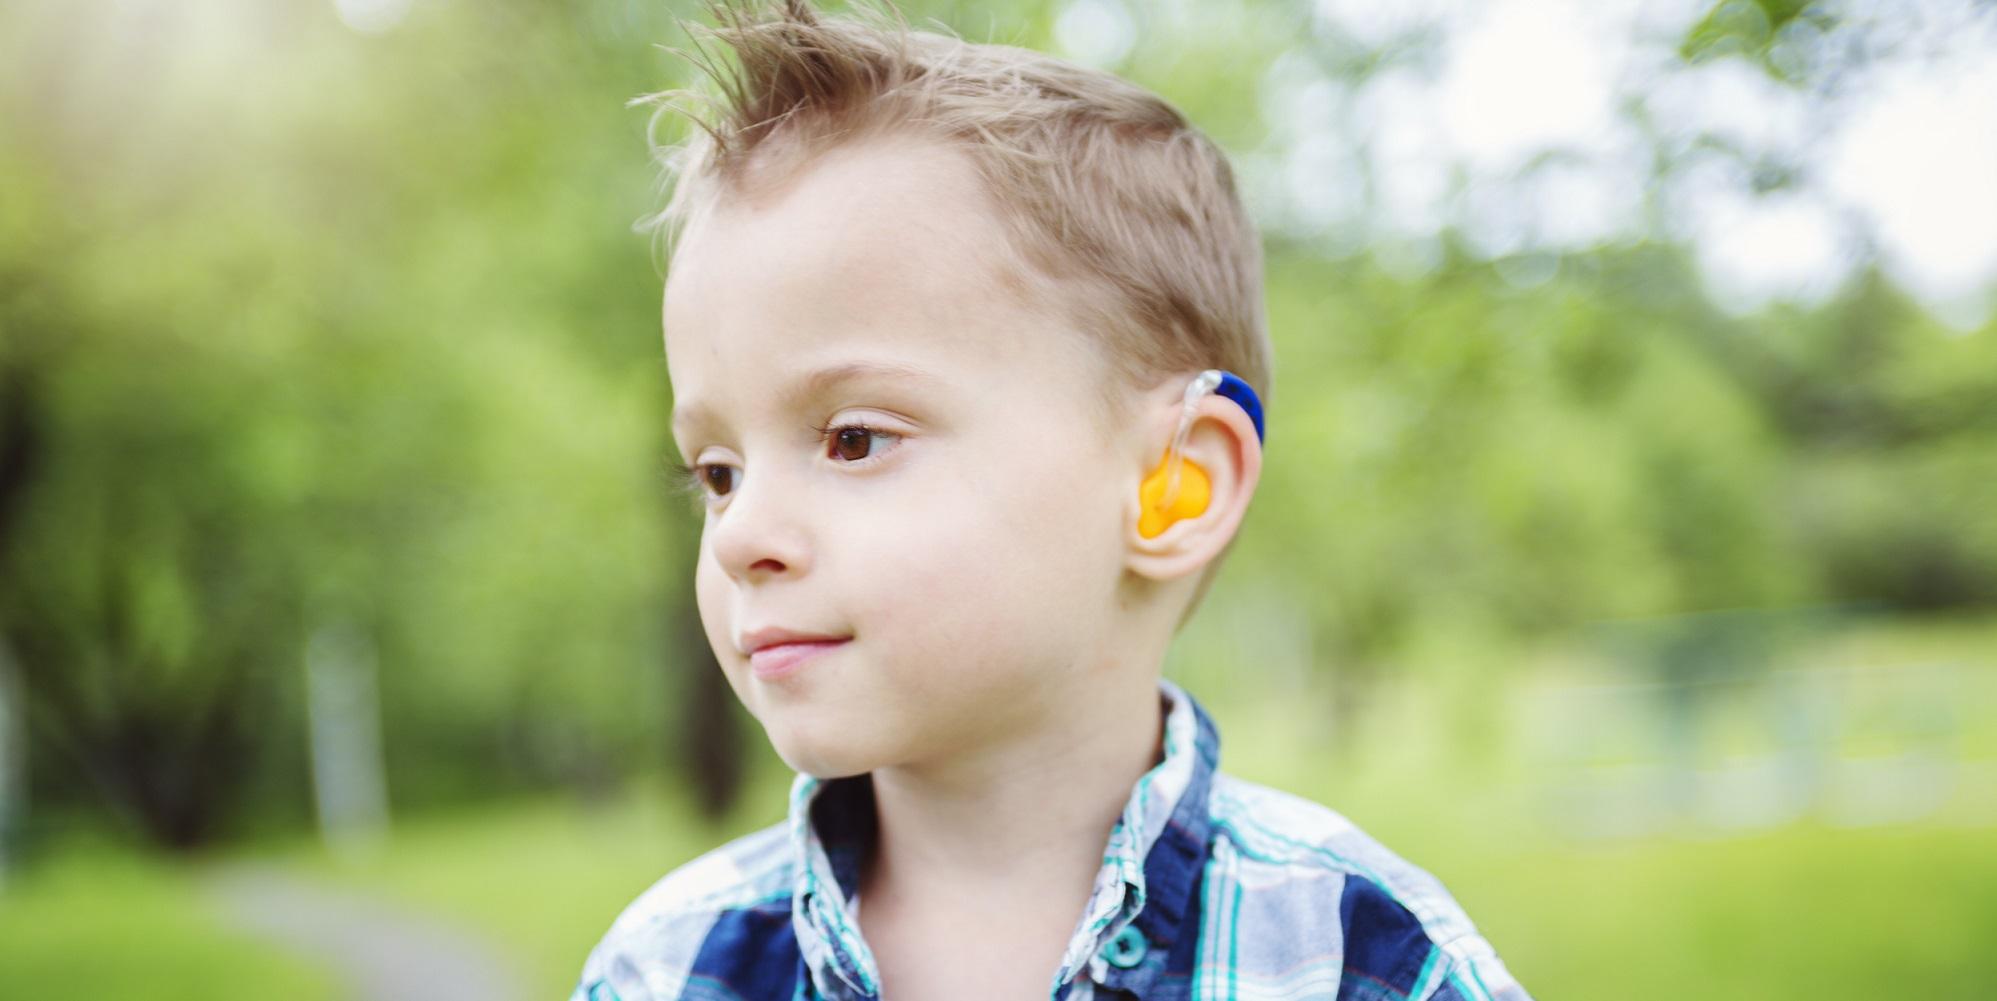 Глухота - не приговор